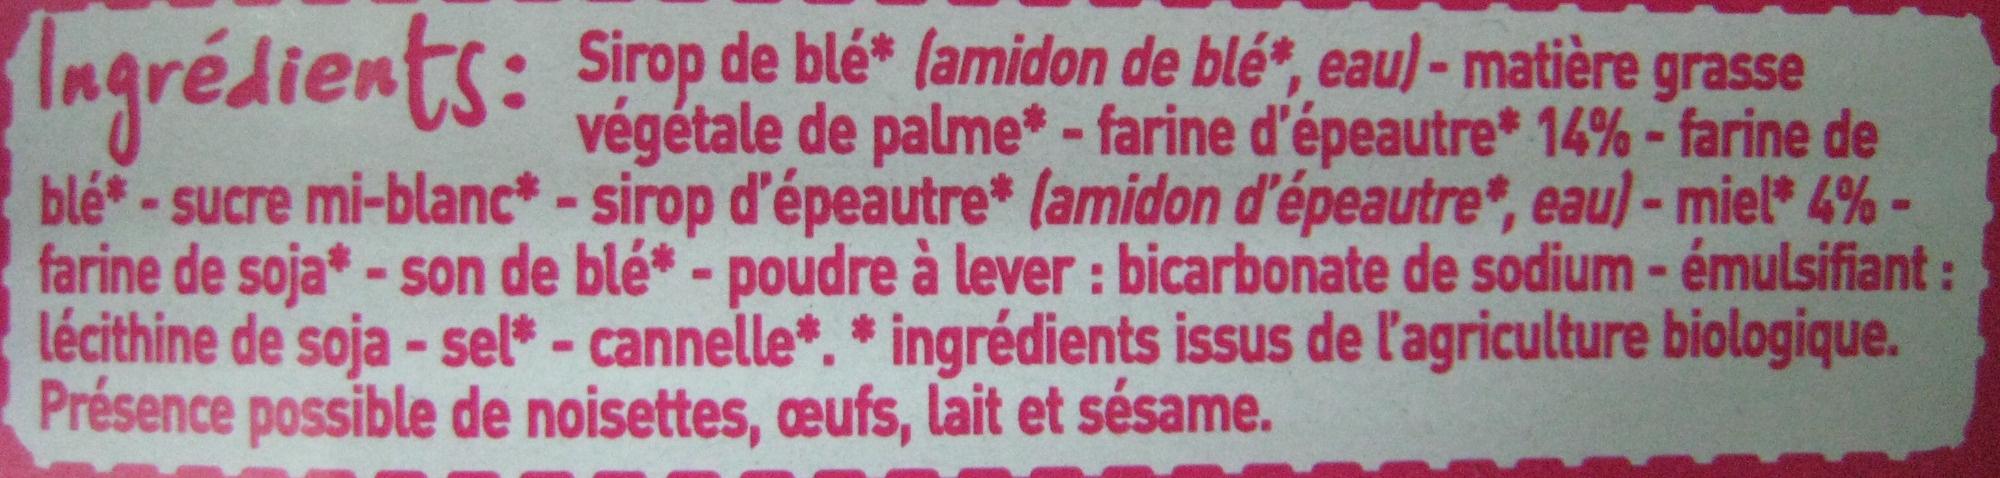 6 Gaufres au Miel à la farine d'épeautre - Ingrédients